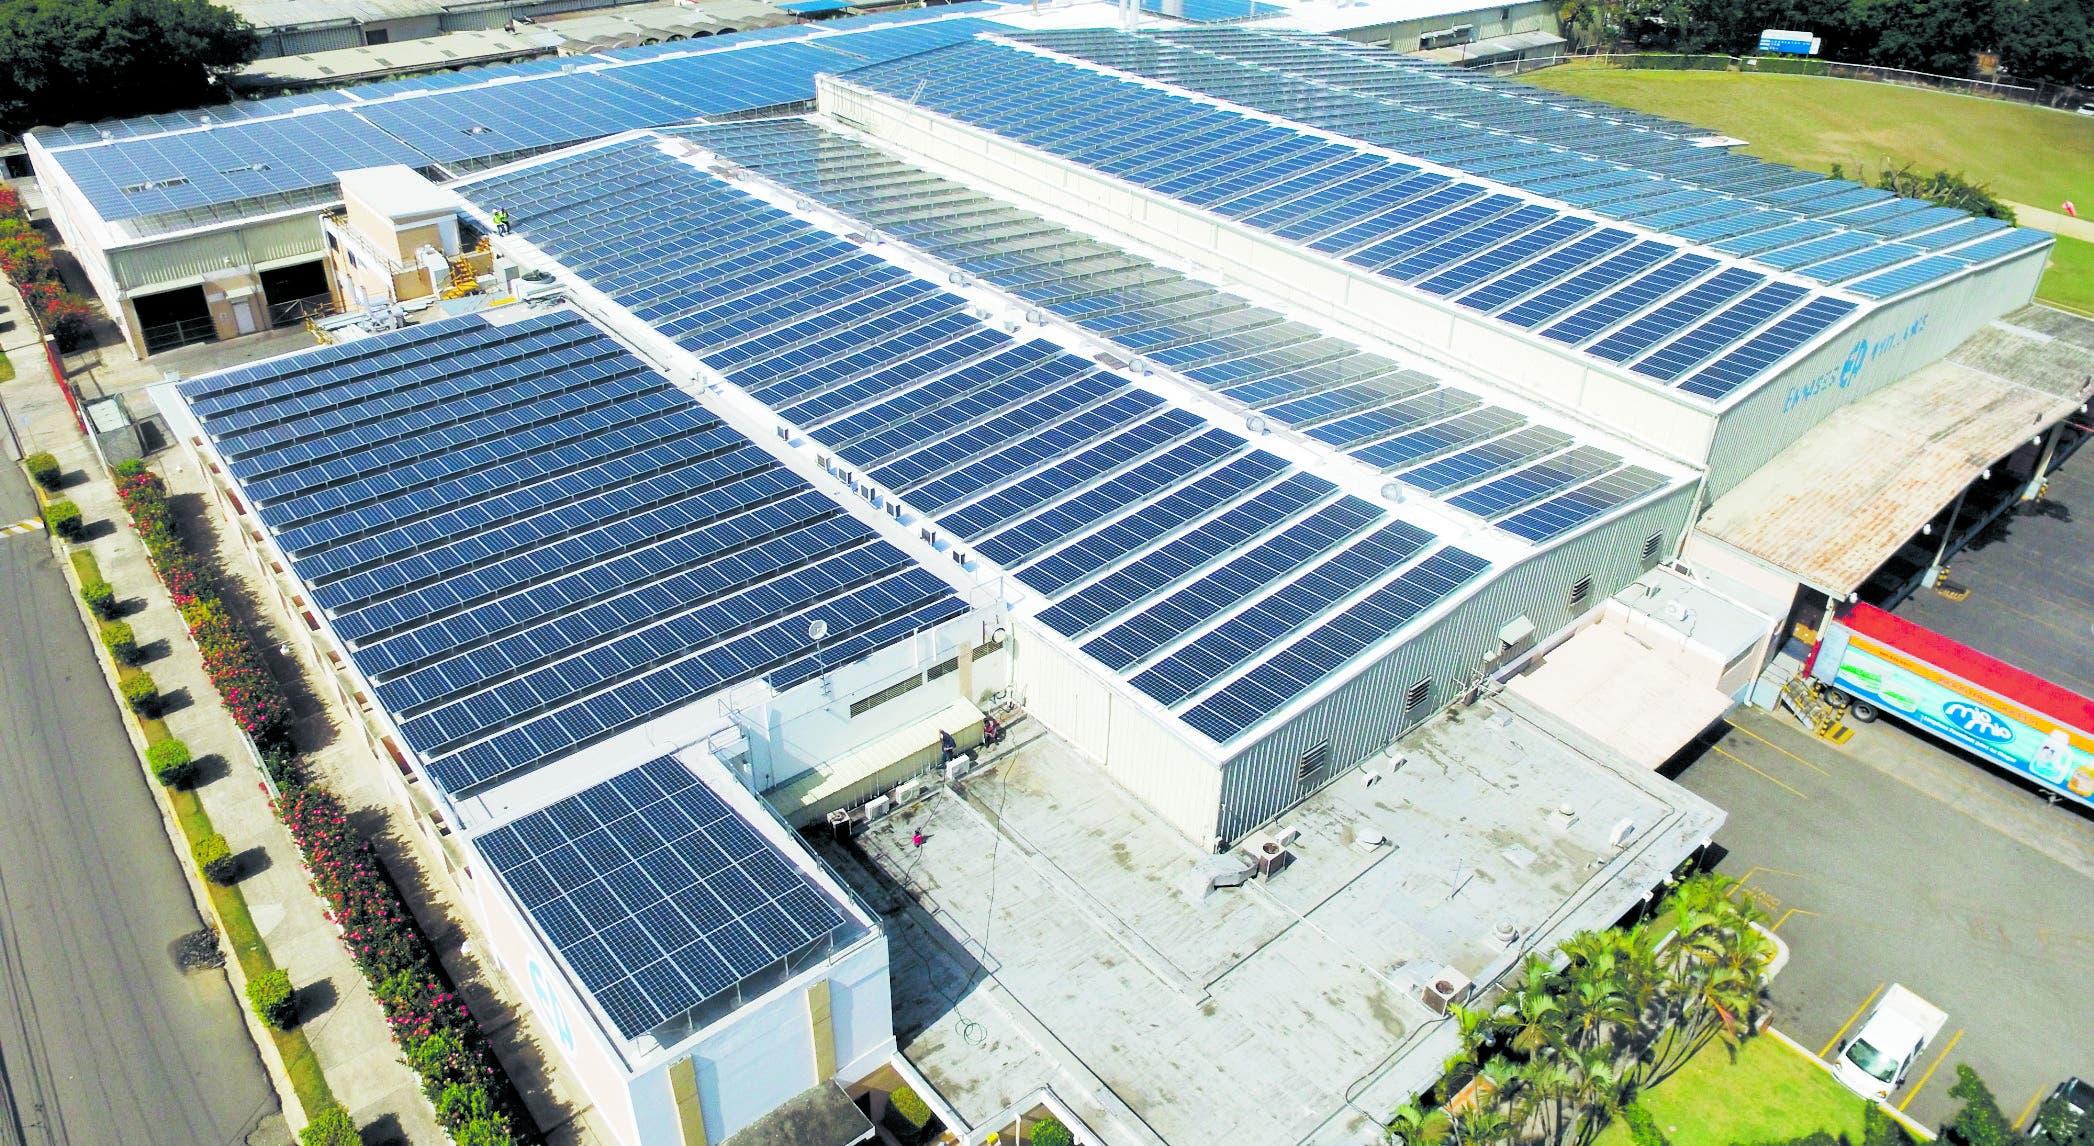 Energía solar fotovoltaica, otro aporte que llega desde España